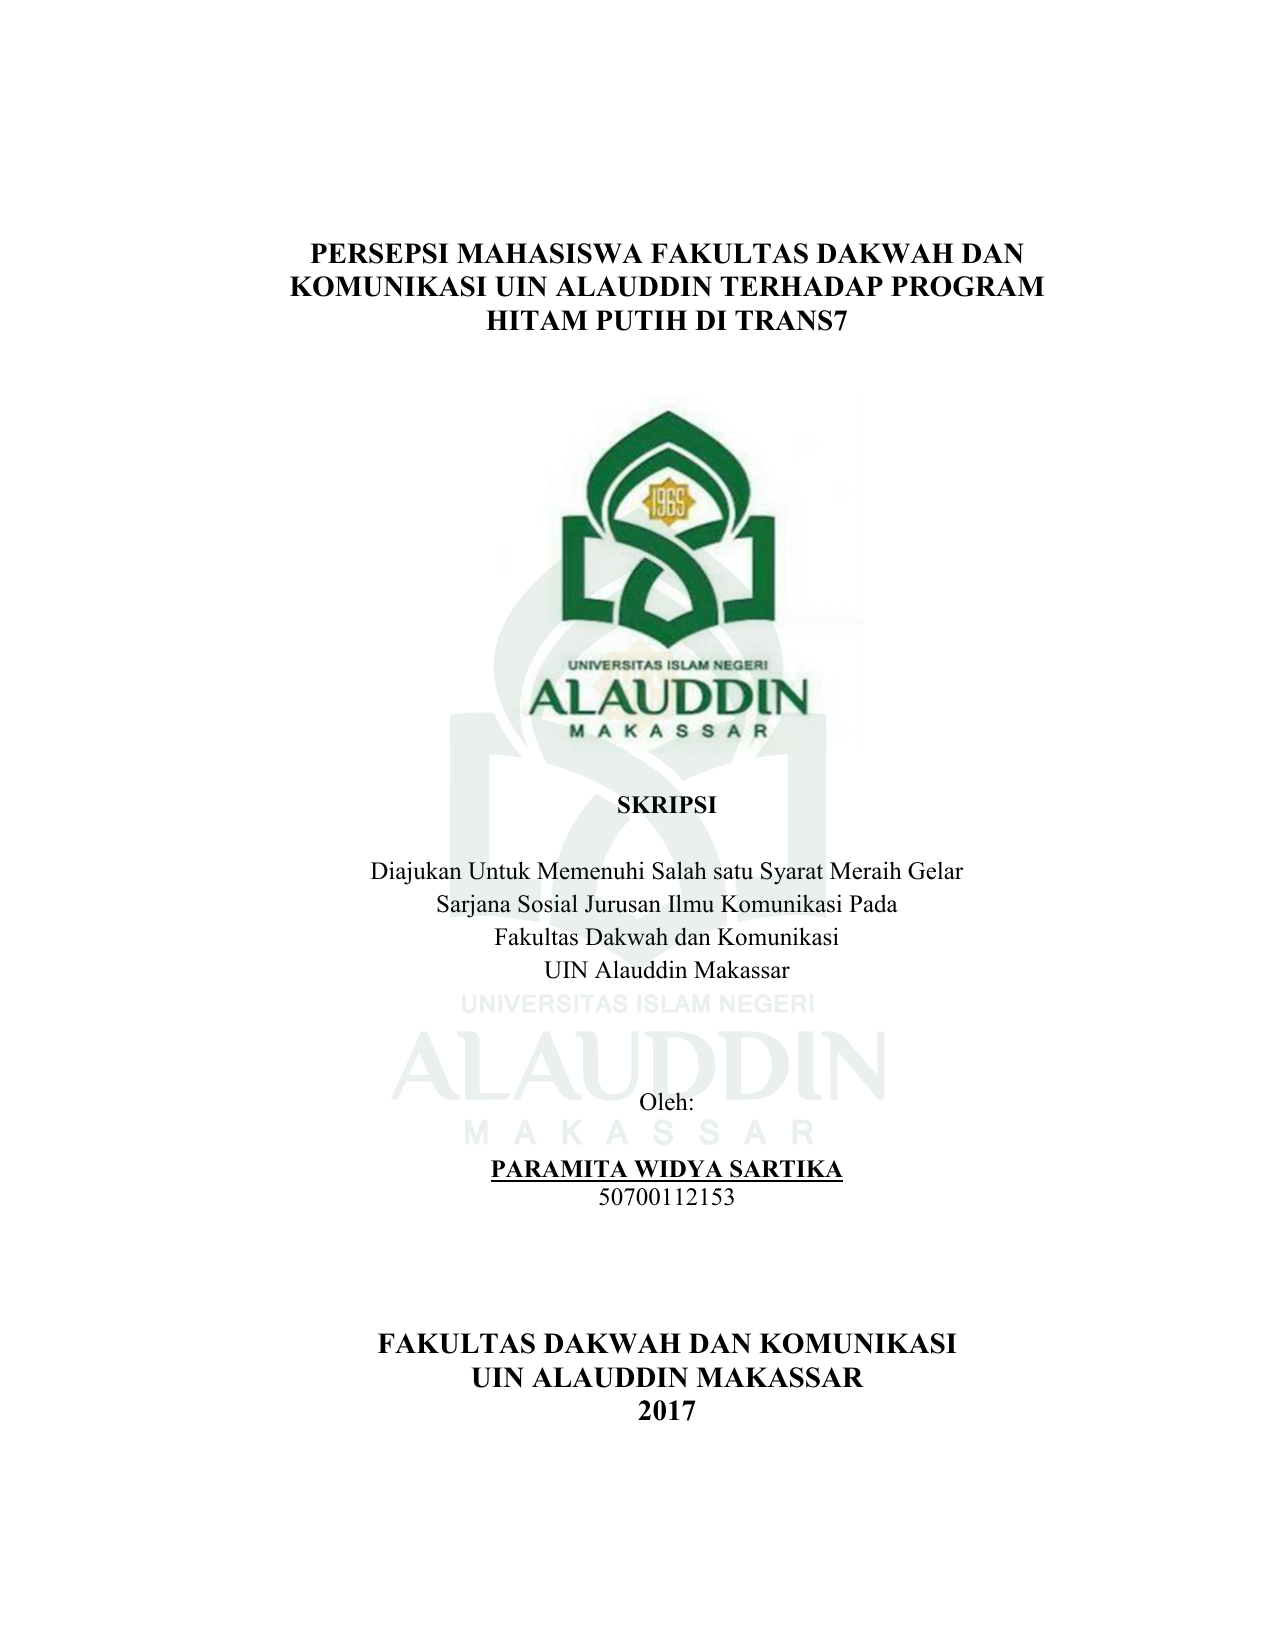 Persepsi Mahasiswa Fakultas Dakwah Dan Komunikasi Uin Alauddin